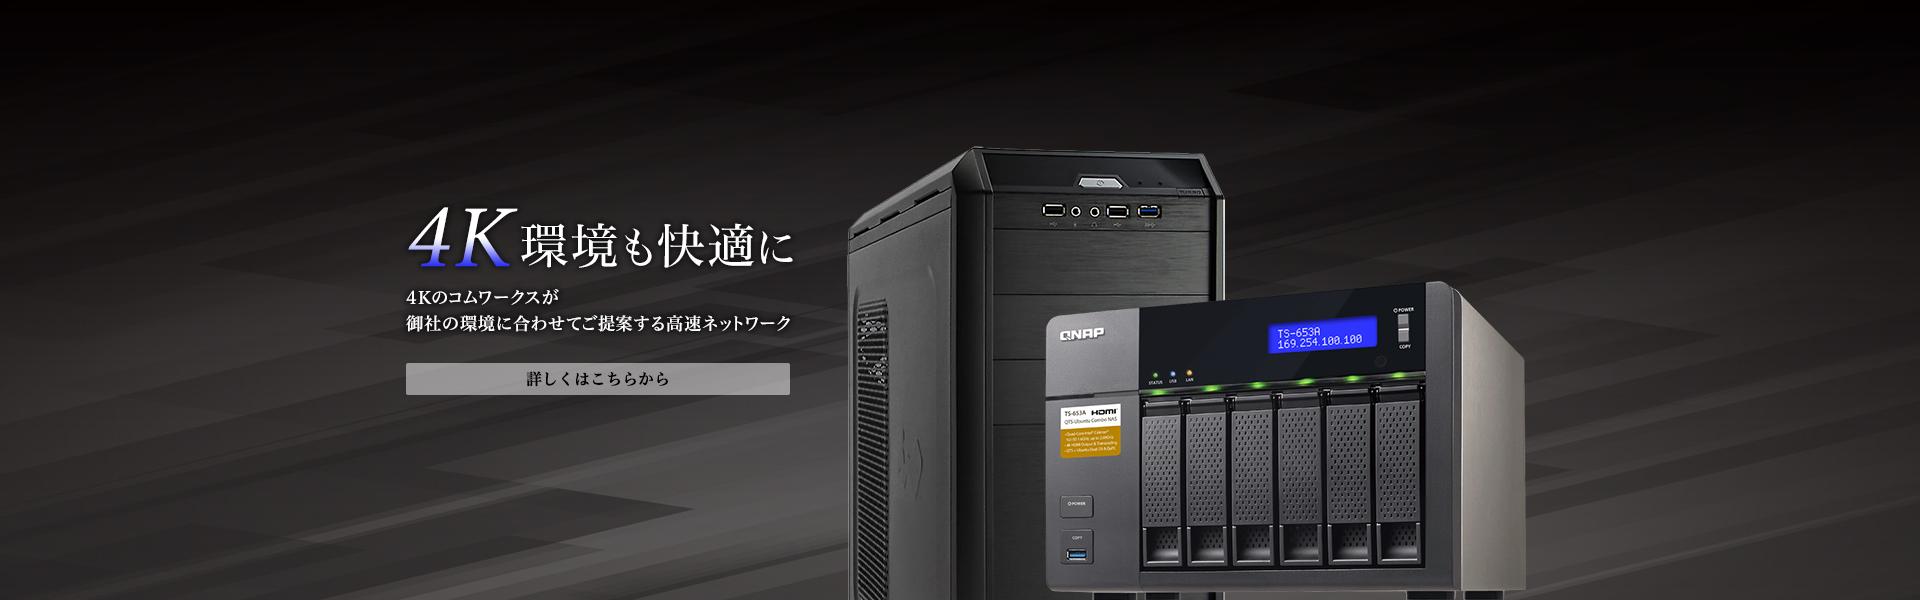 Comstation + NAS